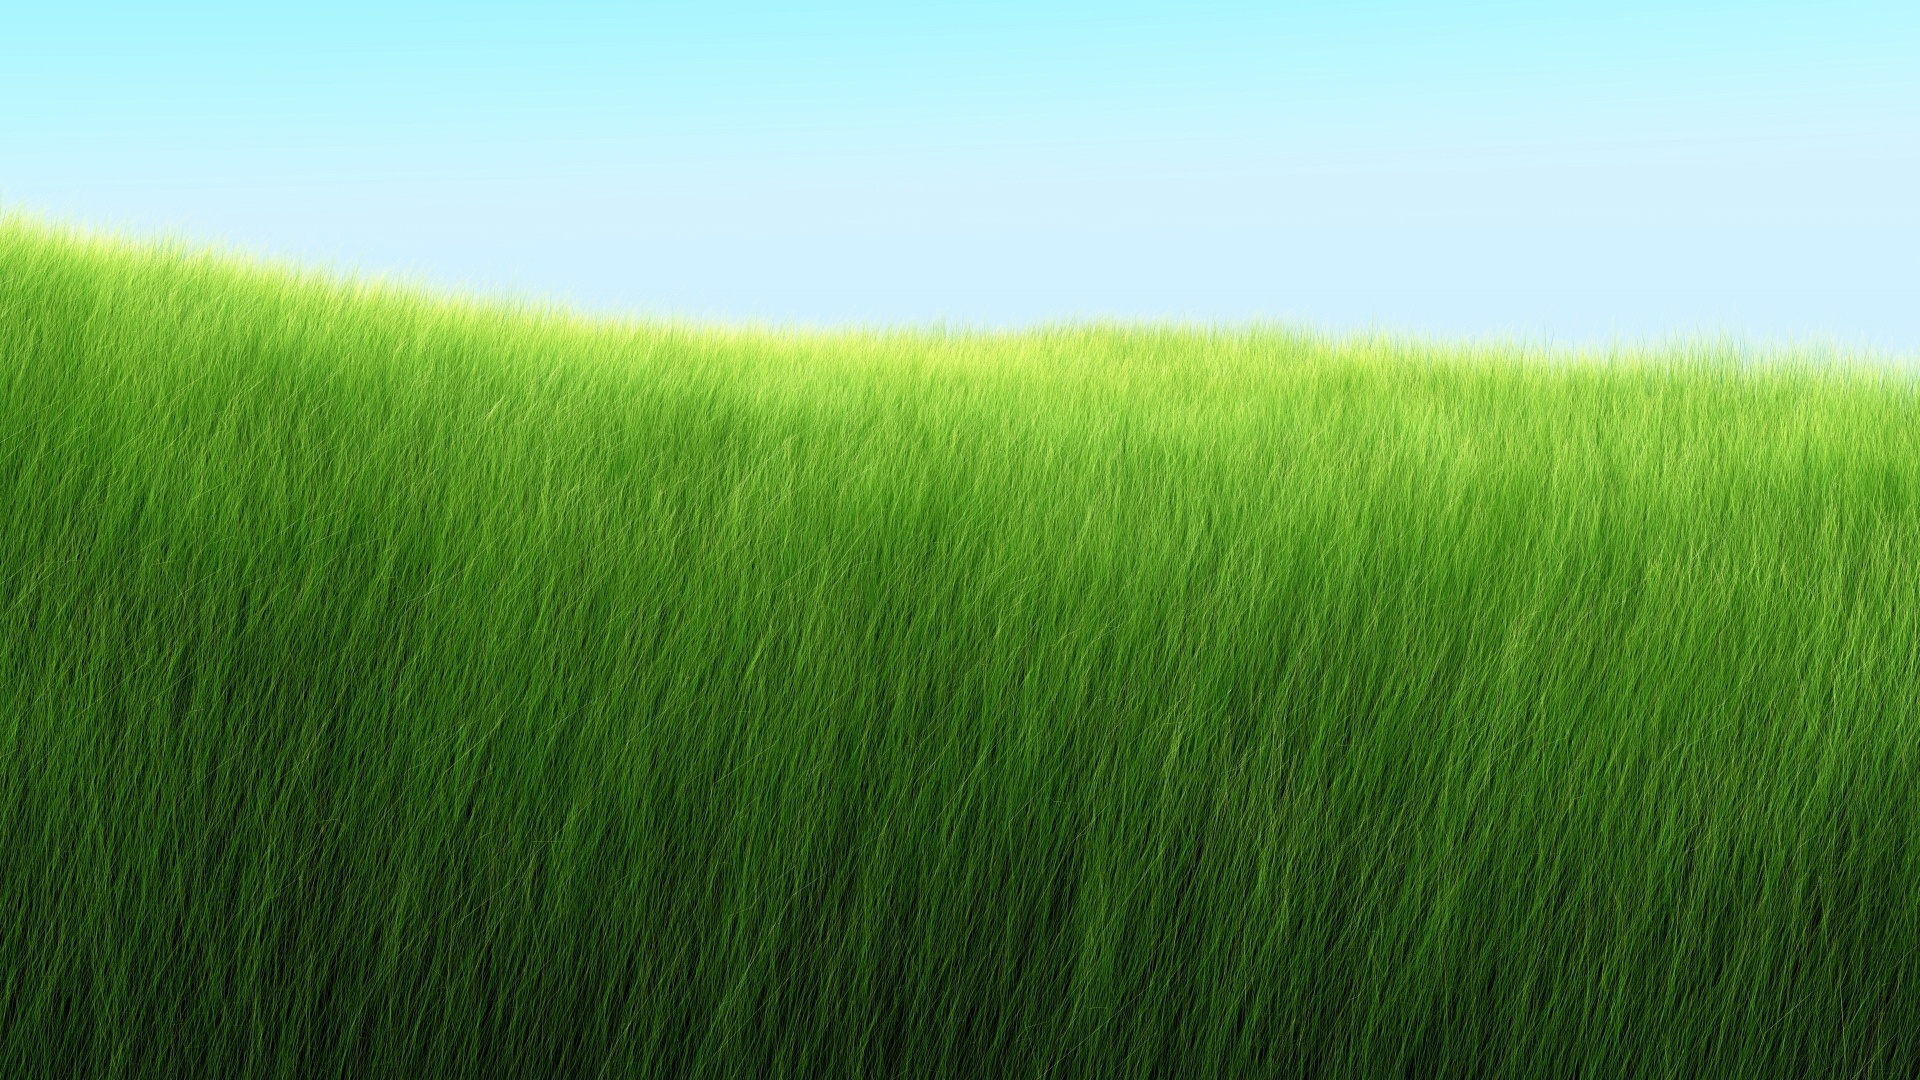 Green Grass Desktop Wallpaper